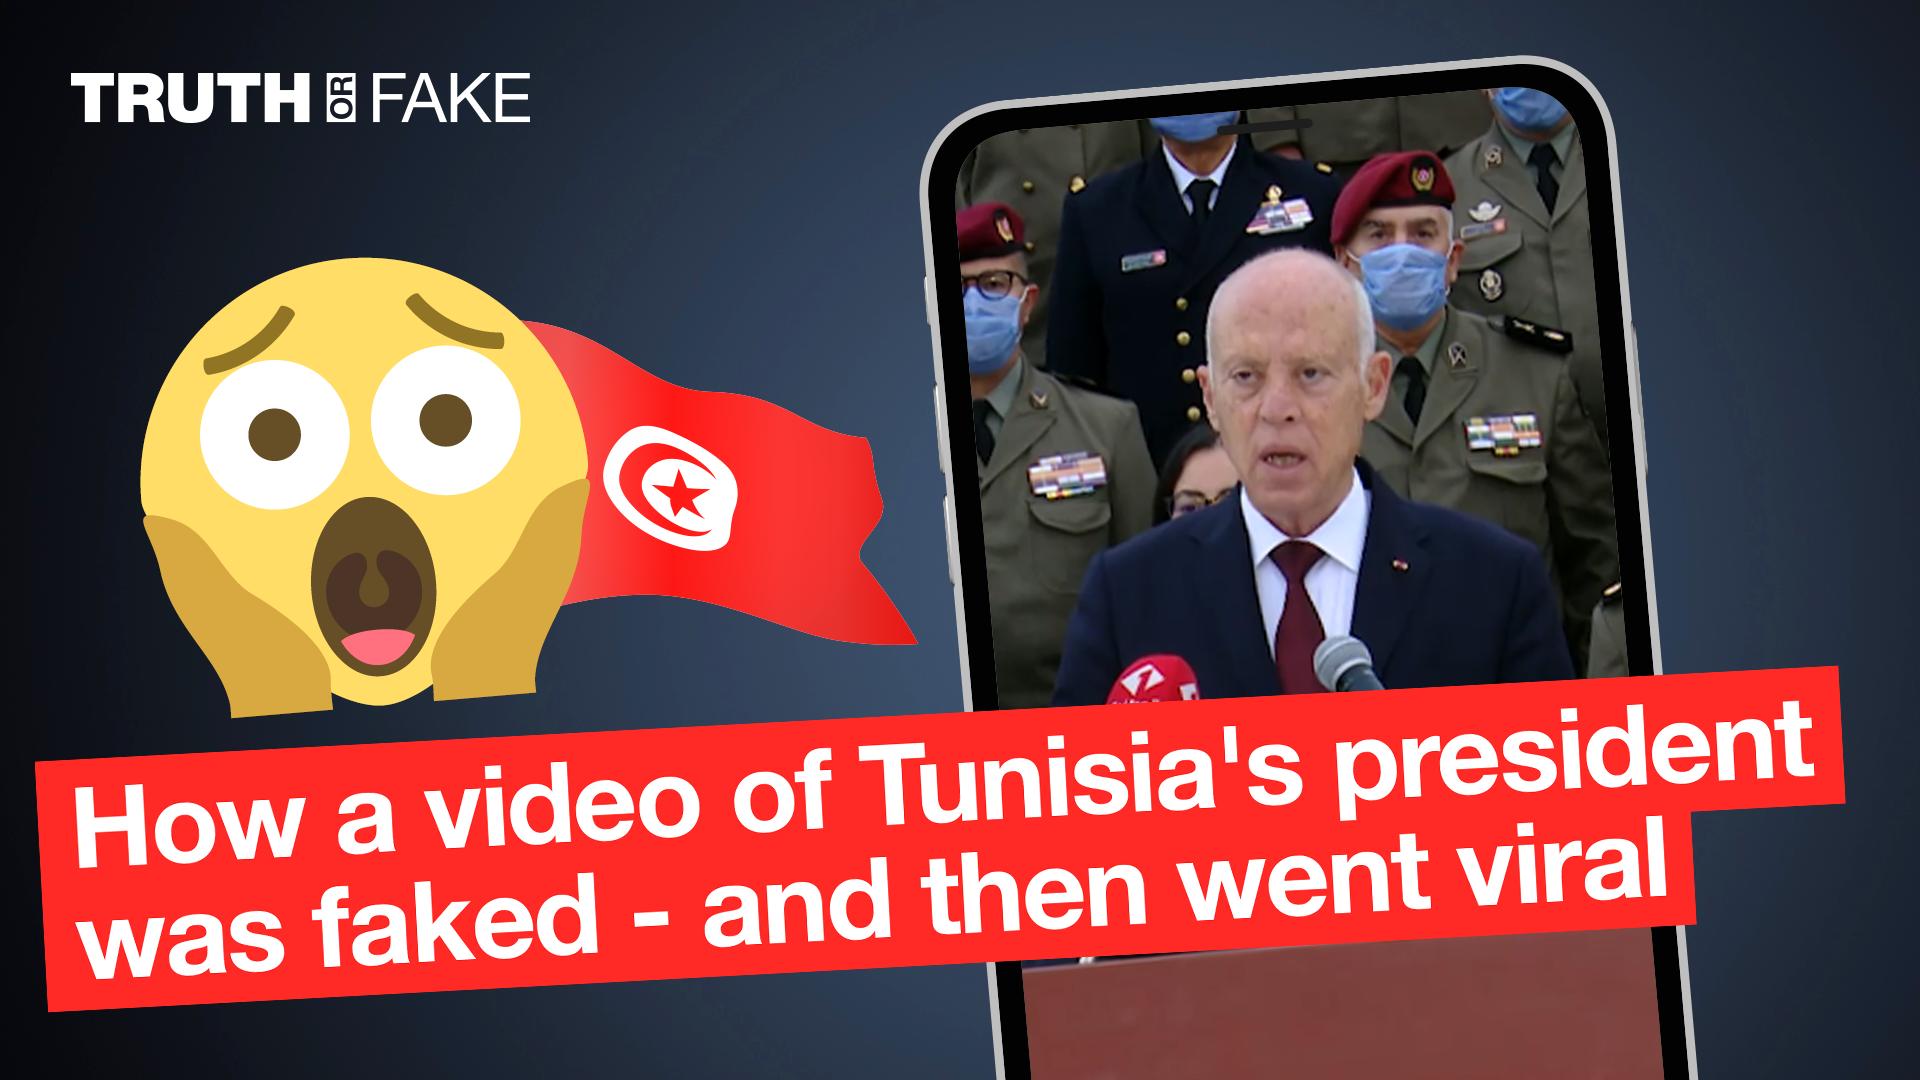 info-intox-putsch-tunisie-vignette-video-1920x1080-EN